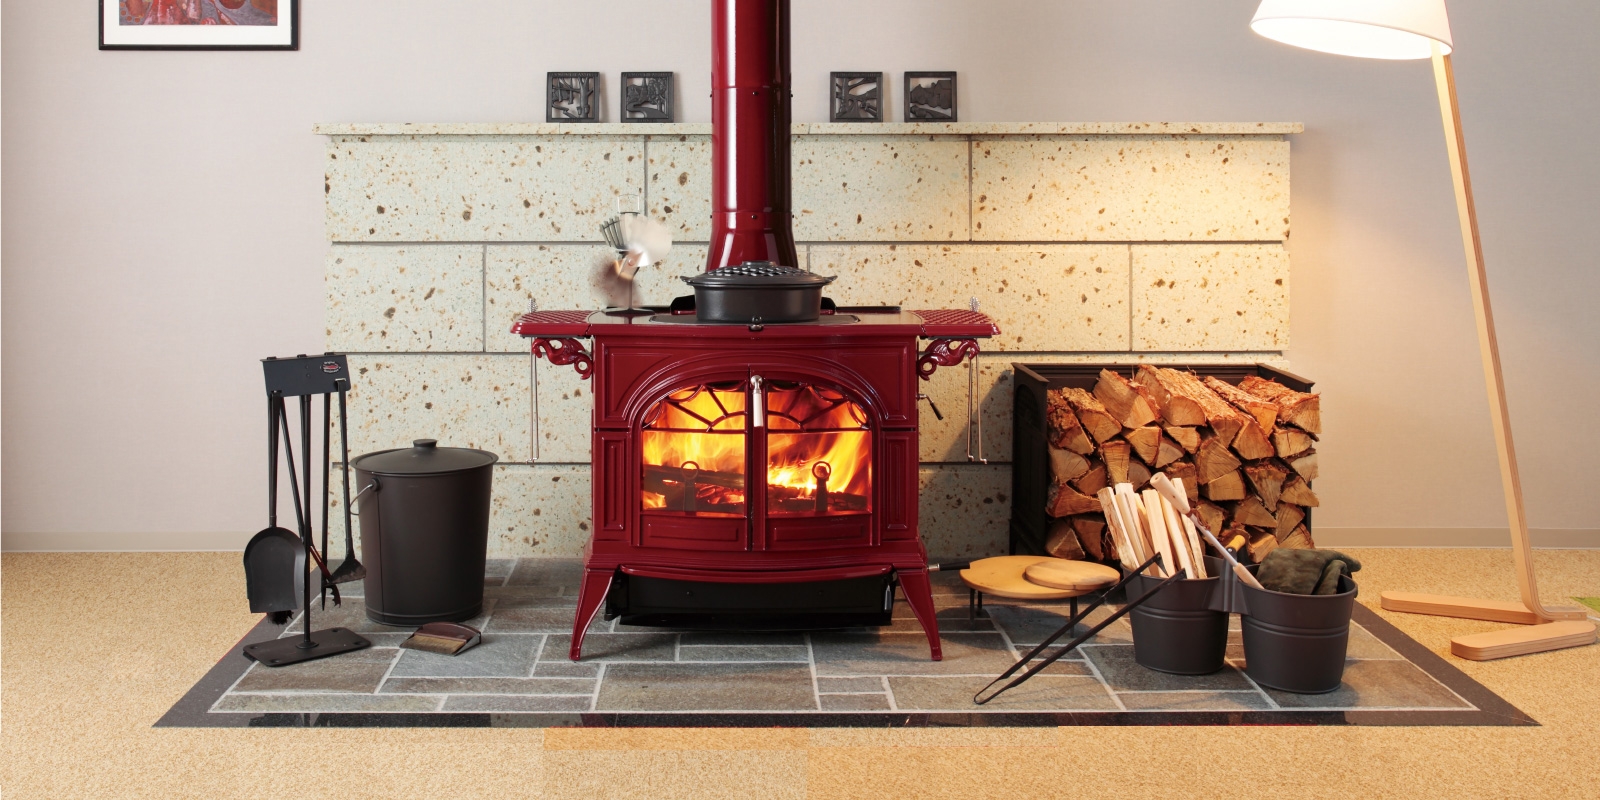 薪ストーブのことなら軽井沢暖炉-ストーブを選ぶ | 群馬 薪ストーブ ...